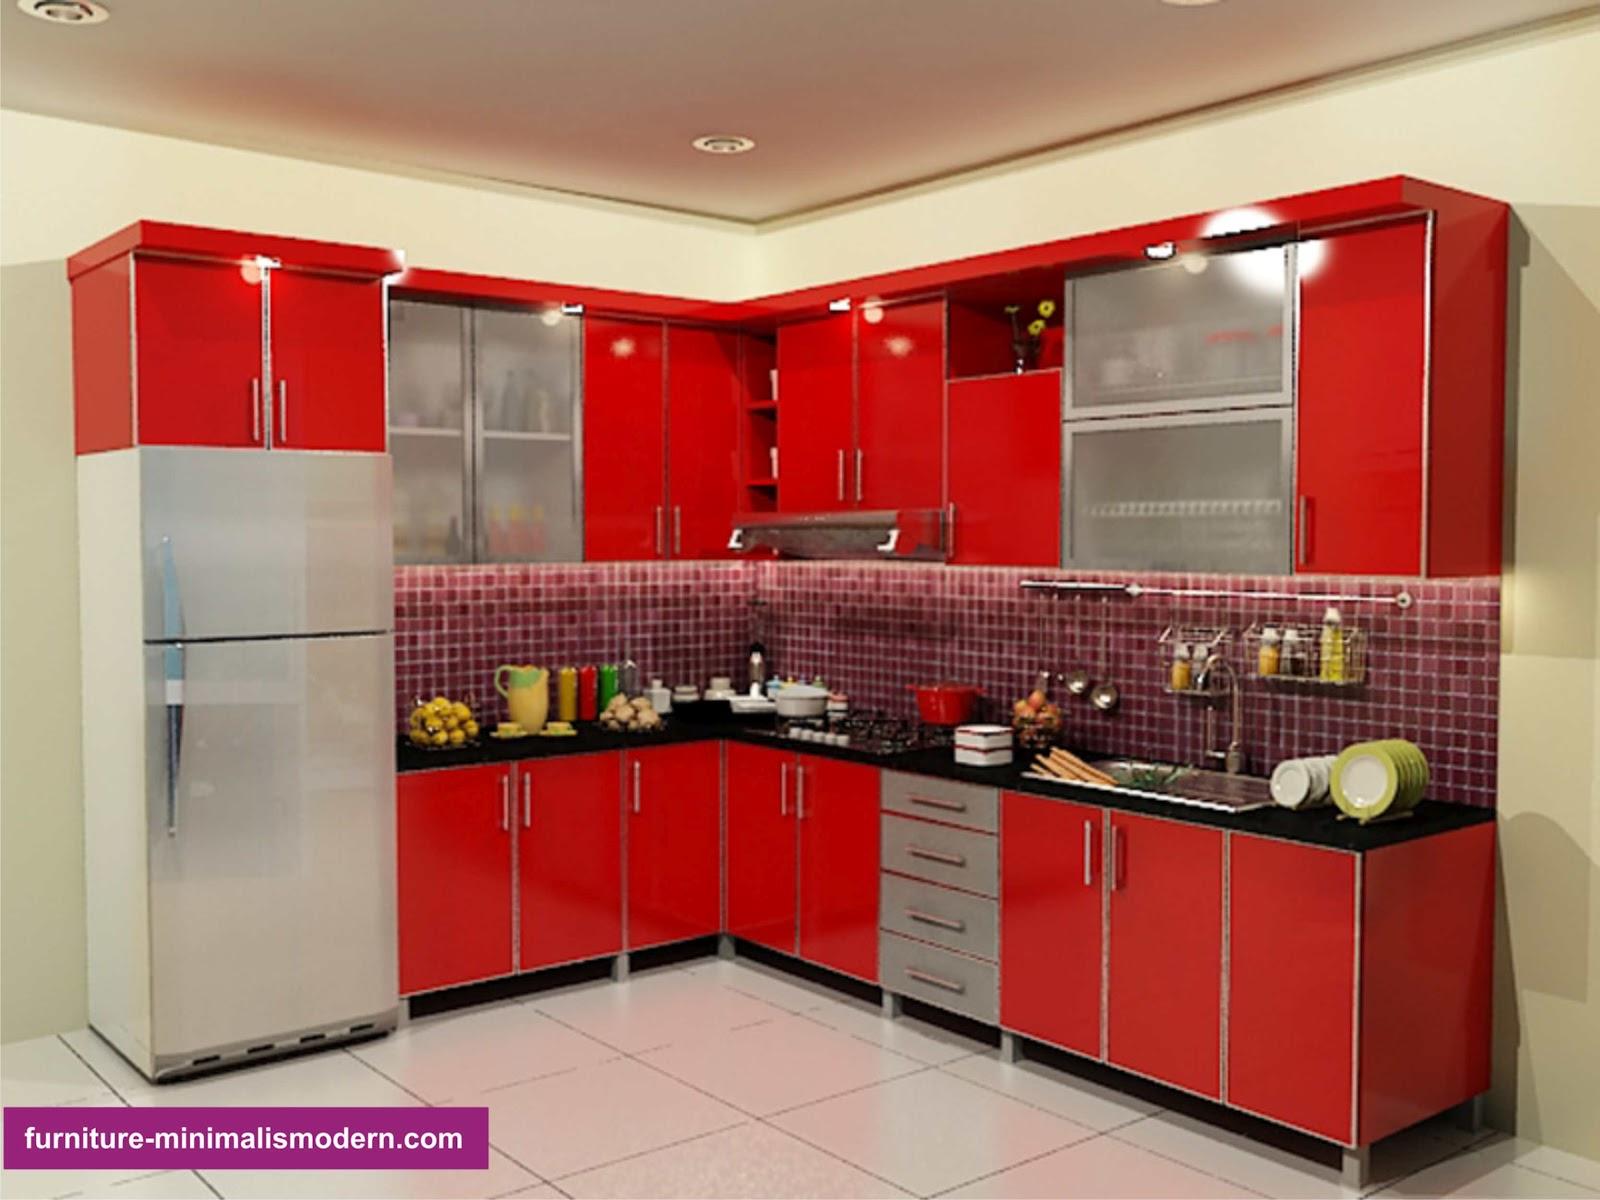 design furniture tempat dapur modern minimalis dan elegan